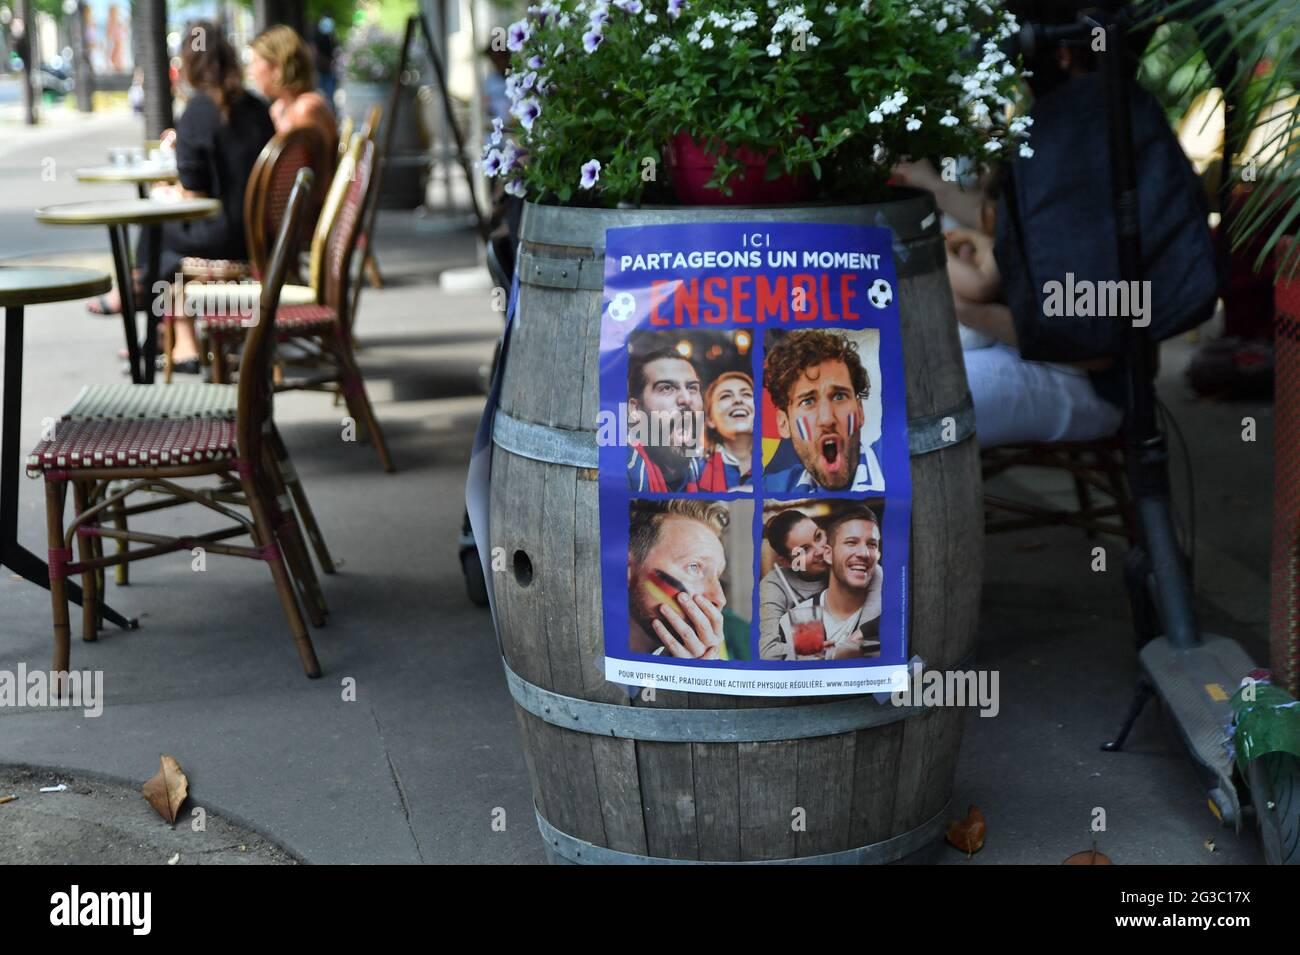 Les barreaux se préparent avant le match France-Allemagne pendant l'EURO 2020, à Paris, en France, le 15 juin 2021. Photo par Karim ait Adjedjou/avenir Pictures/ABACAPRESS.COM Banque D'Images